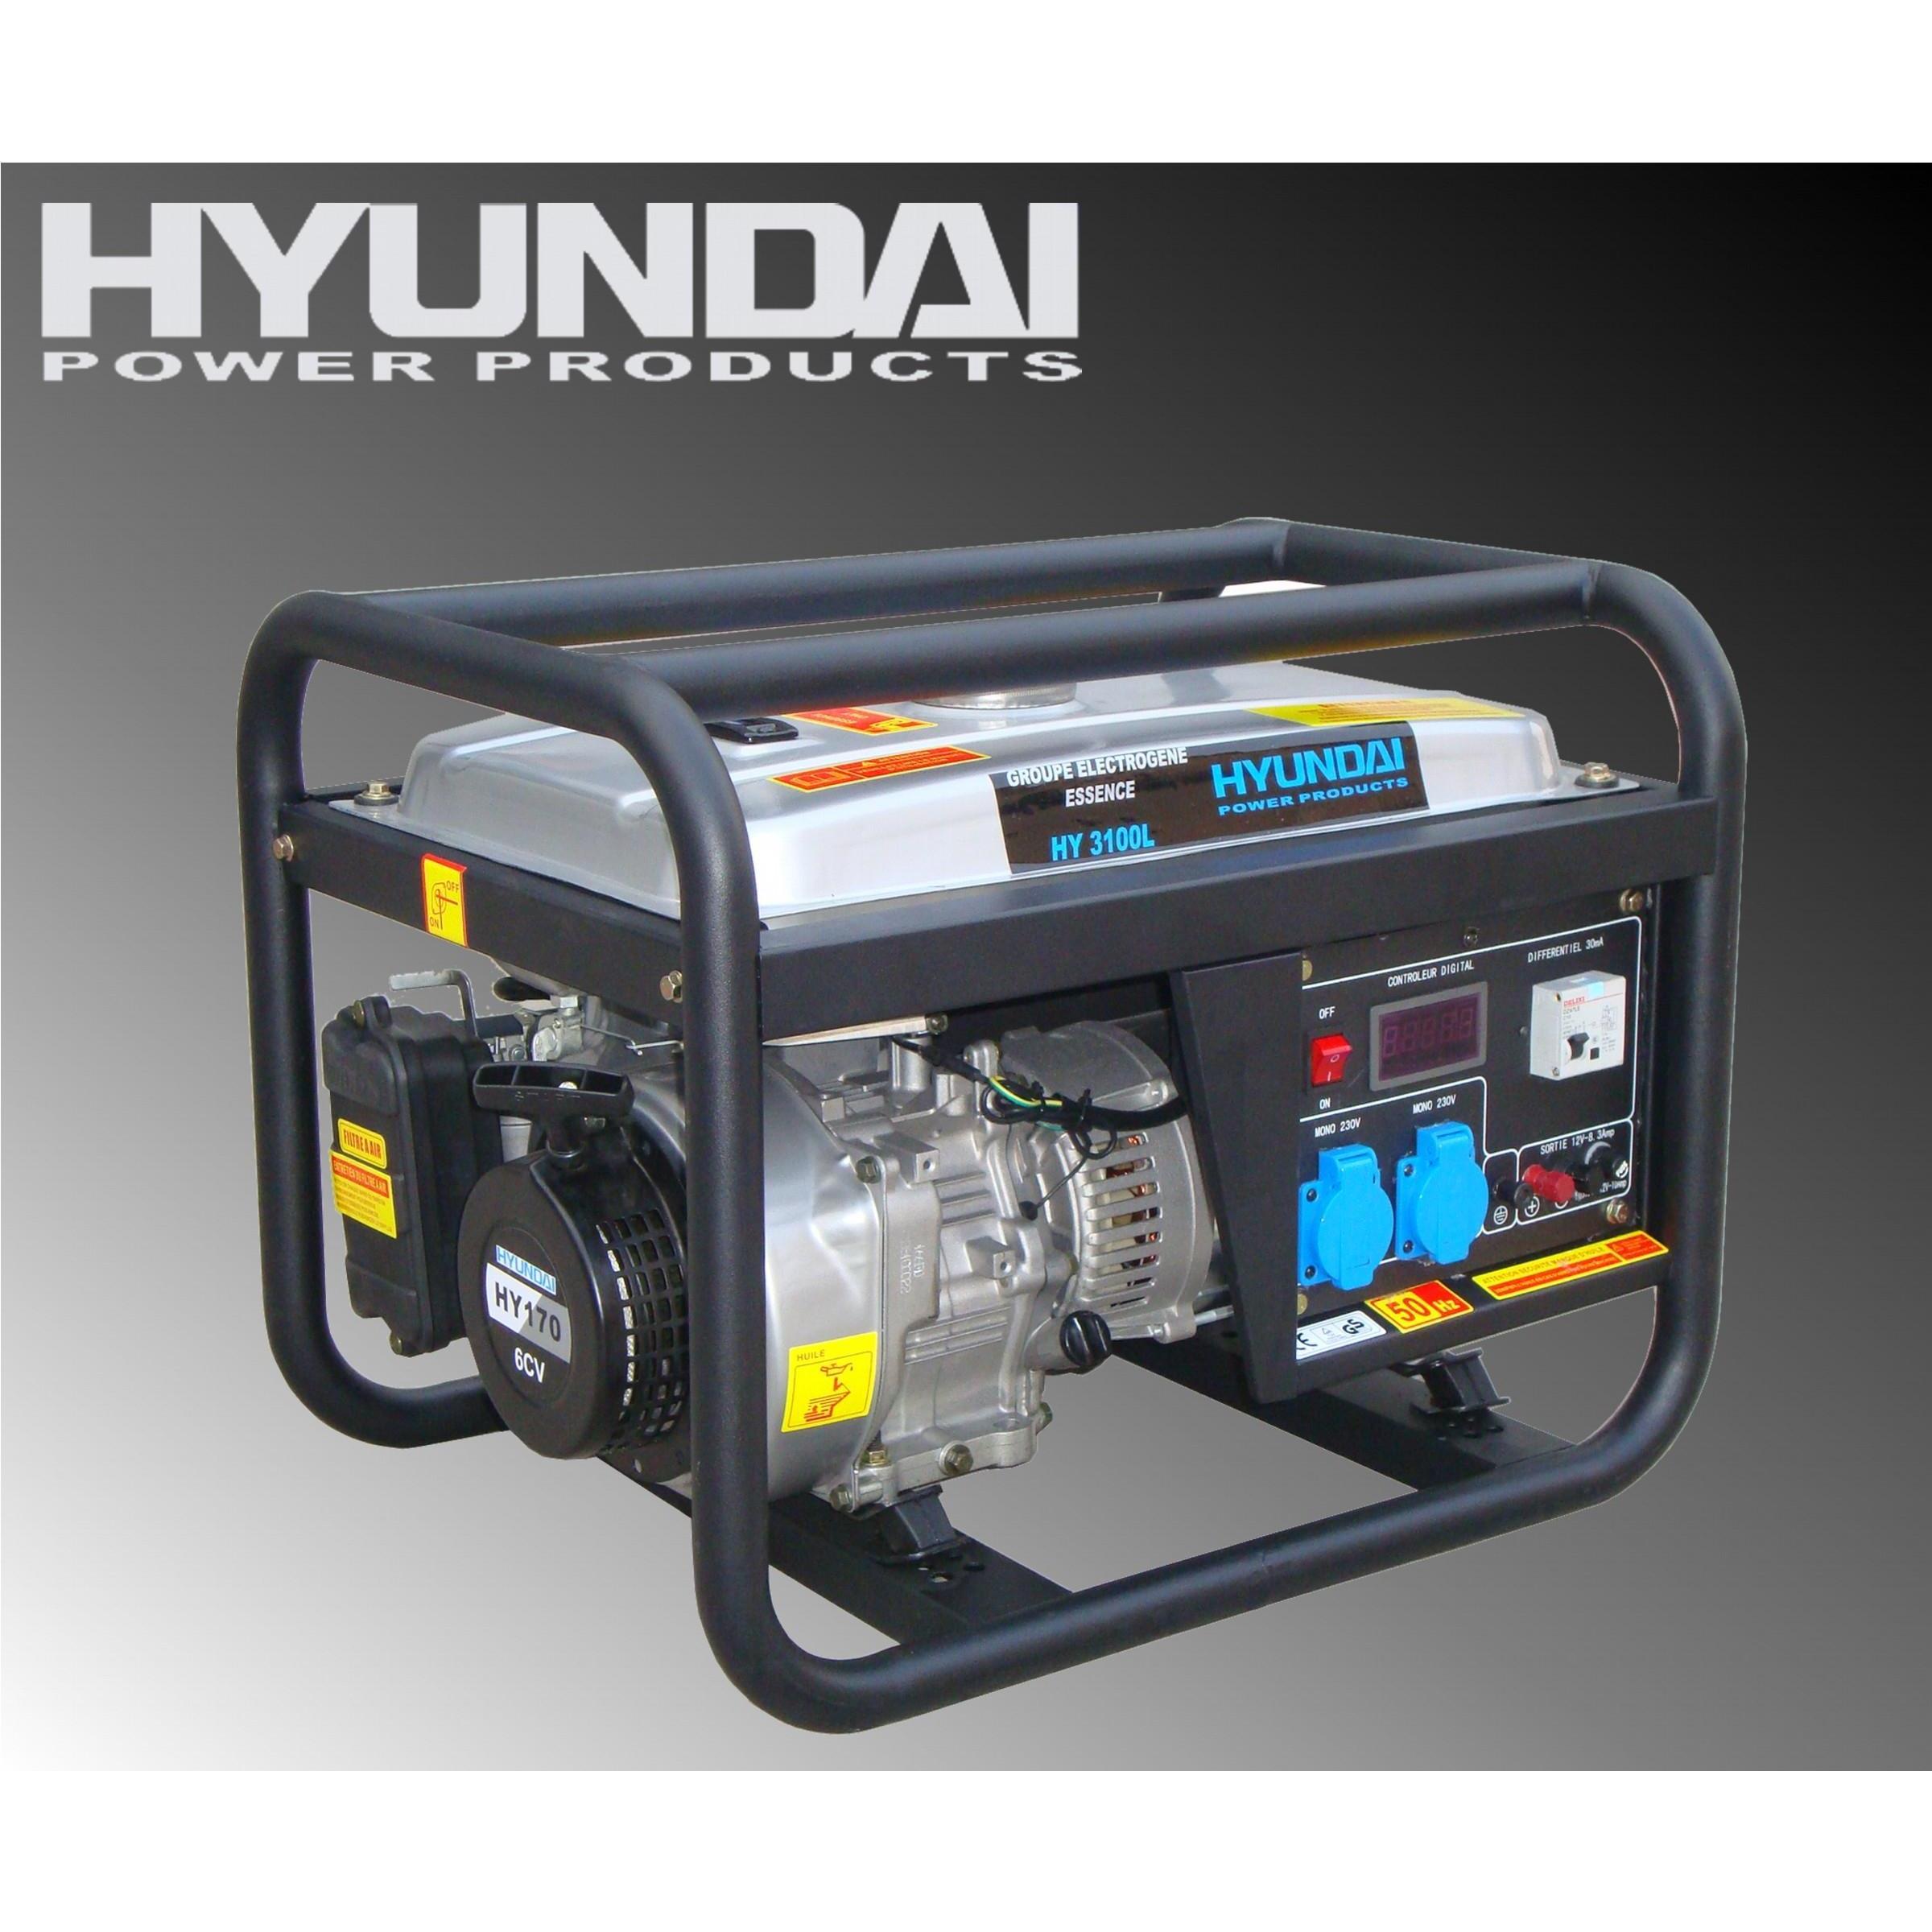 Máy phát điện Huyndai dân dụng - chạy xăng HY3100L (2.5-2.8KW)